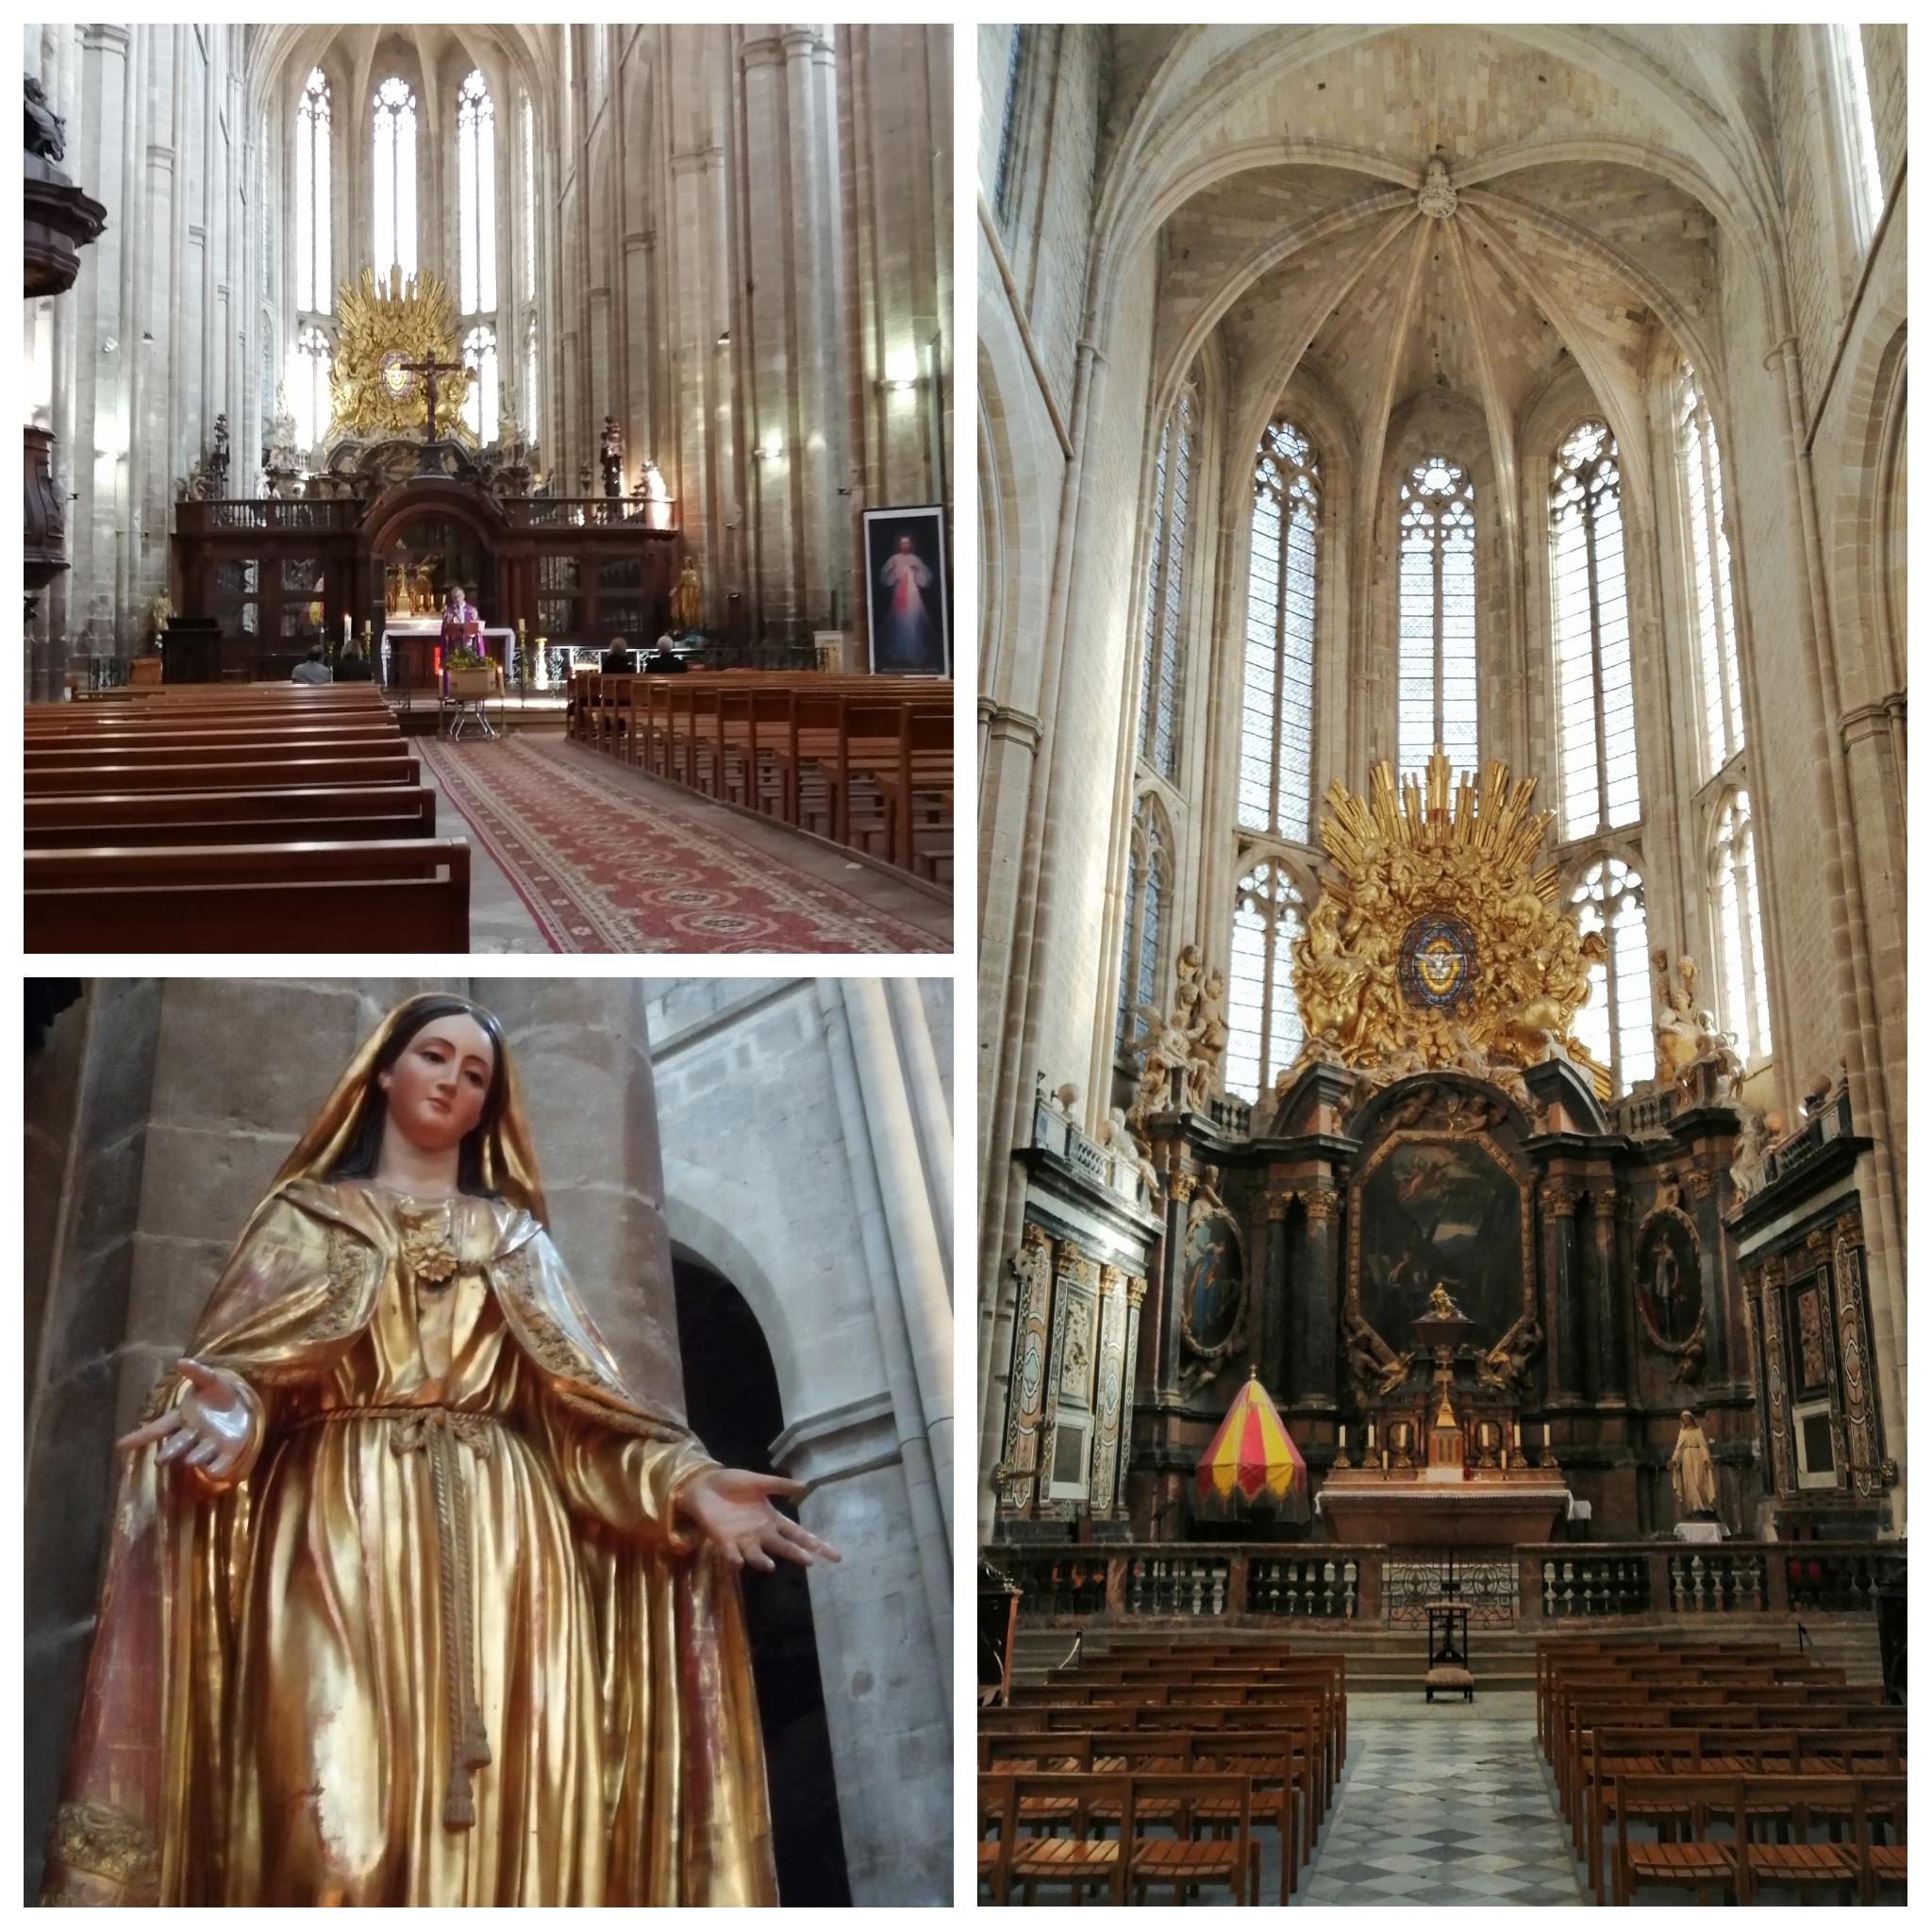 La Basilique Sainte Marie-Madeleine toujours ouverte